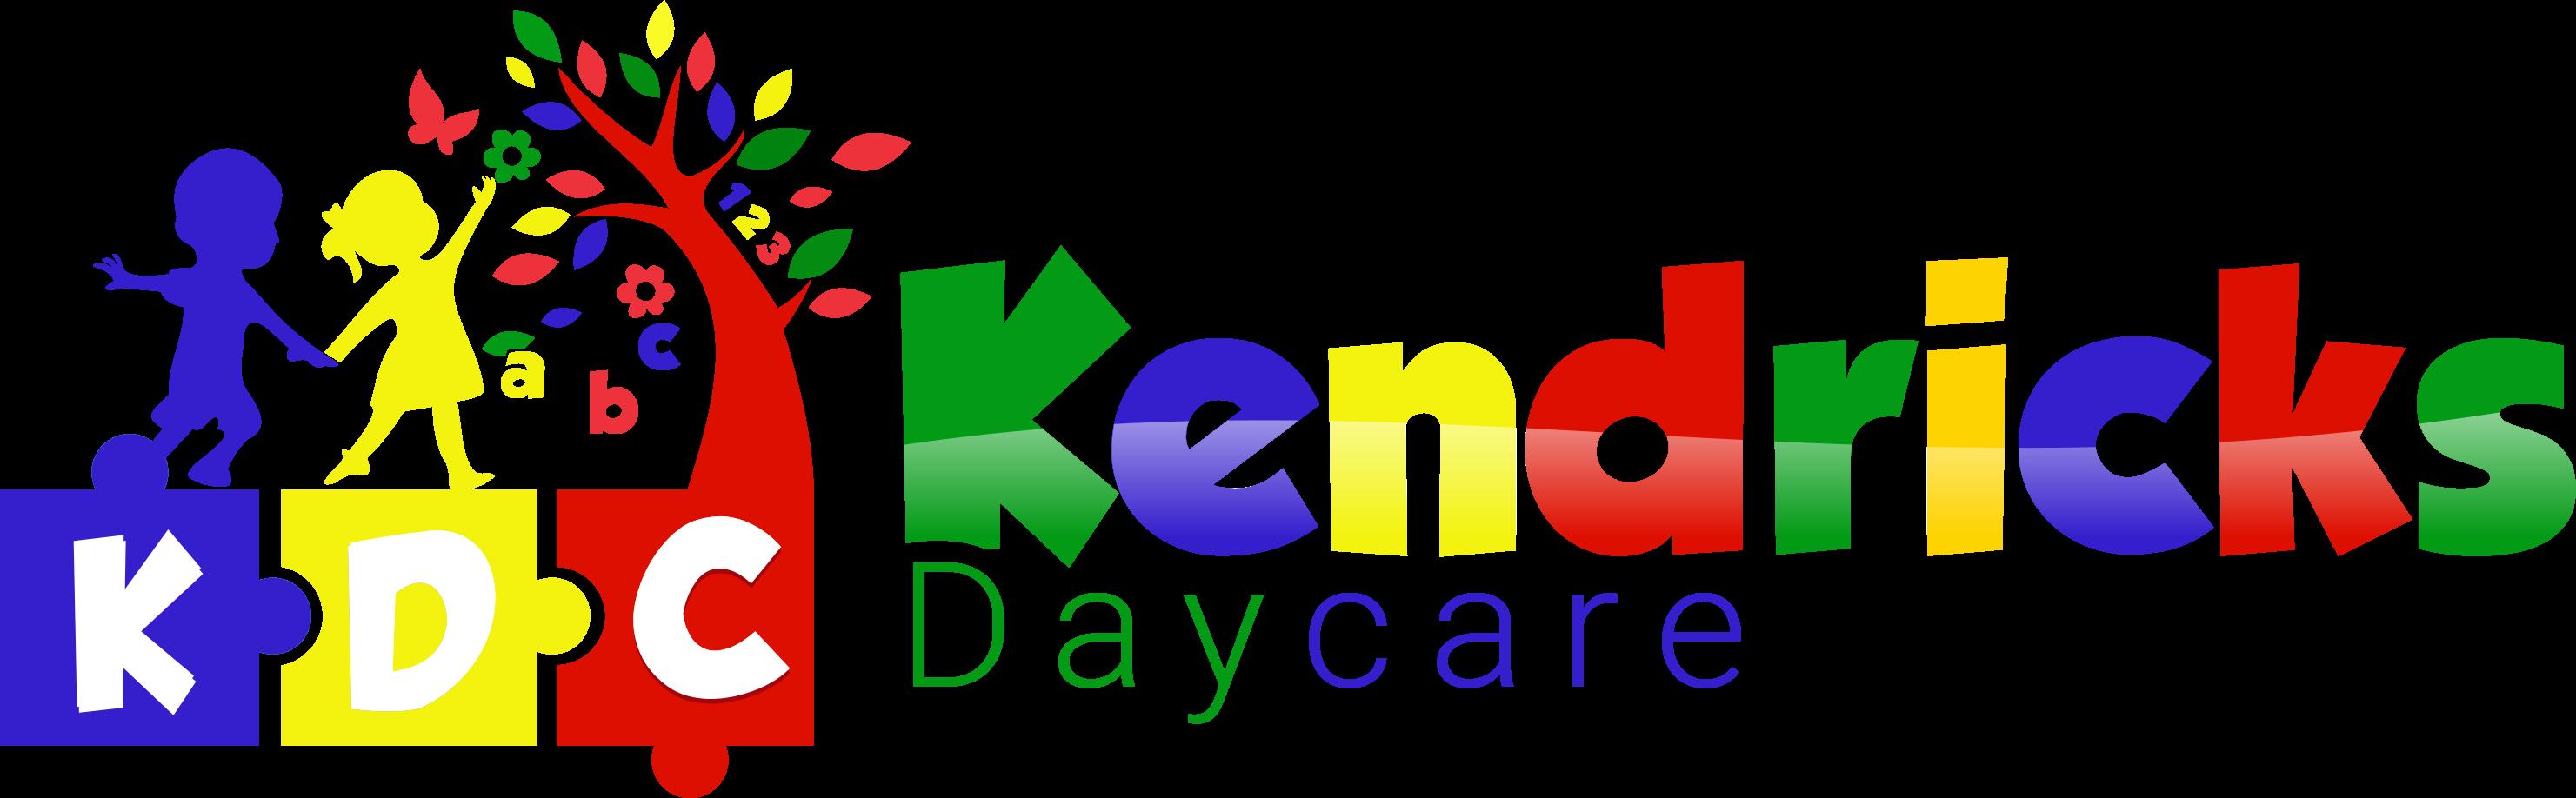 Kendricks Daycare